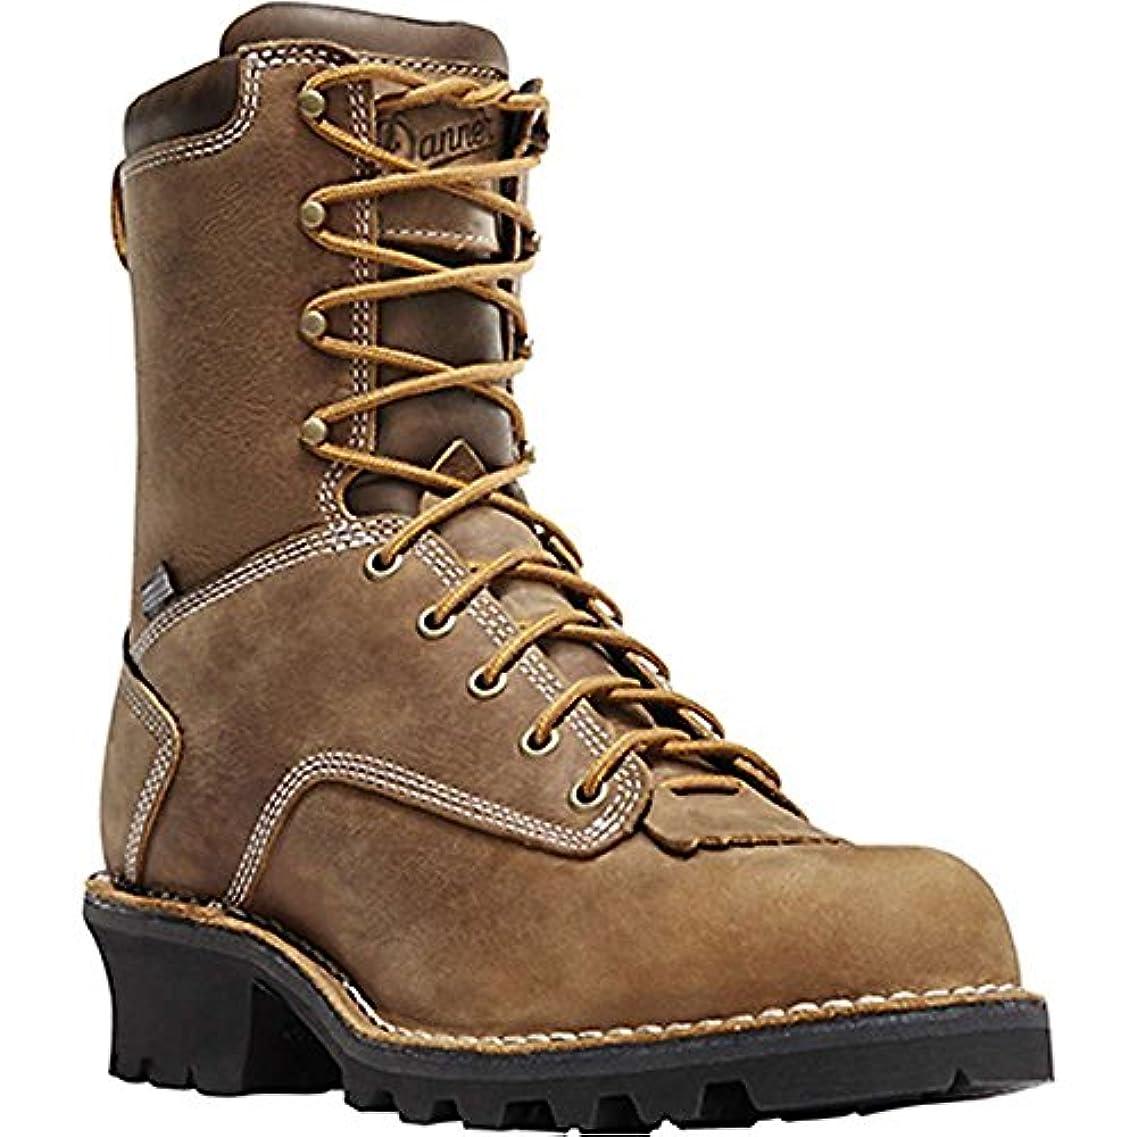 意外全体に座標(ダナー) Danner メンズ シューズ?靴 ブーツ Logger 8IN Boot [並行輸入品]